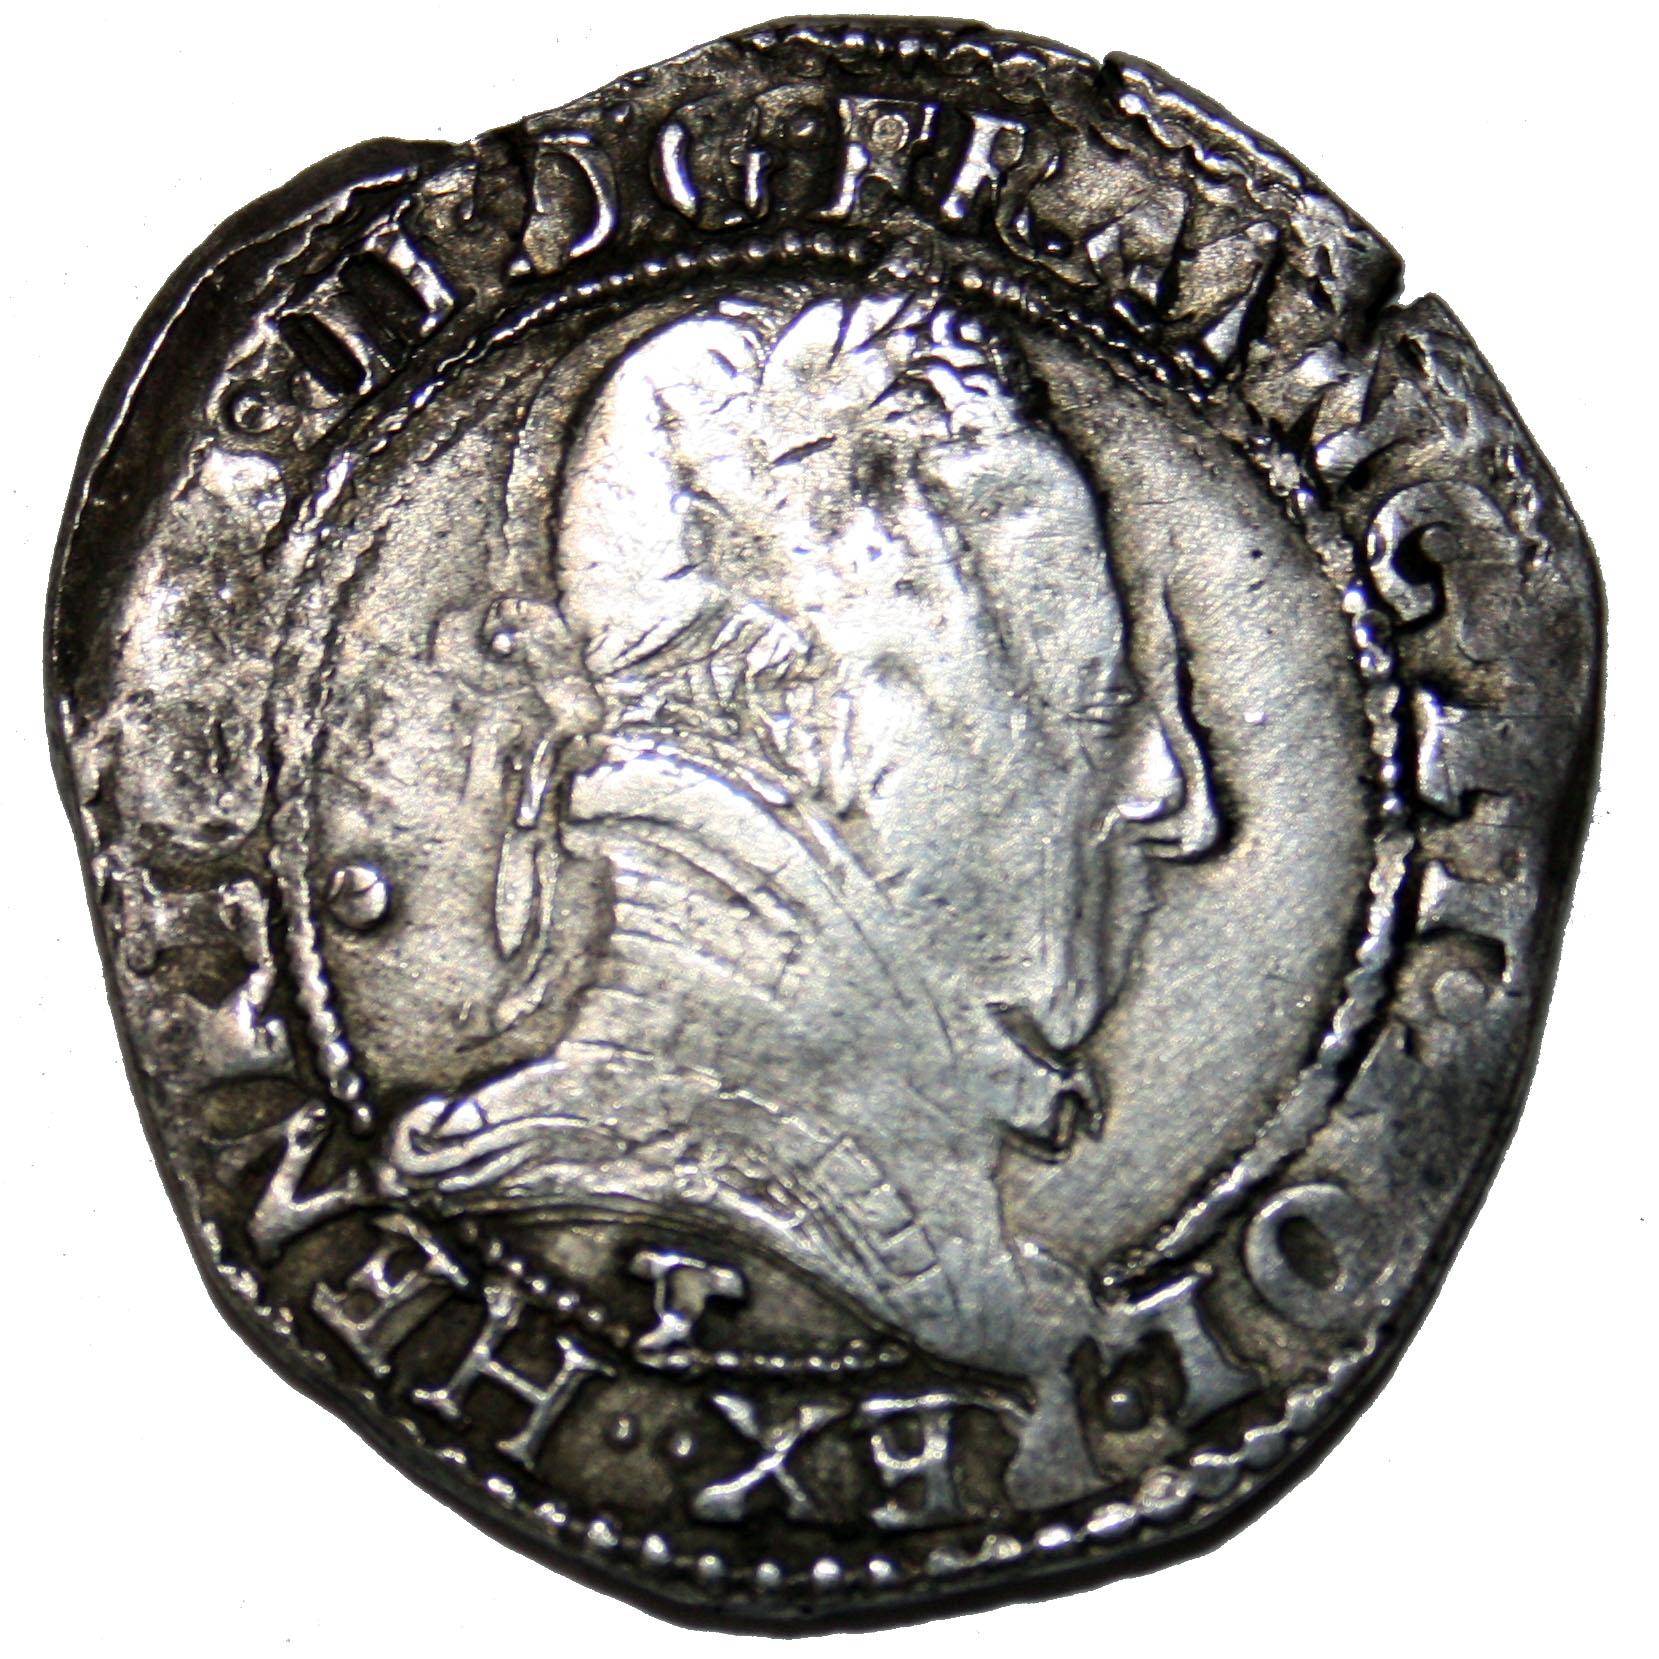 Monnaie tréflée d'Henri III (1574-1589)